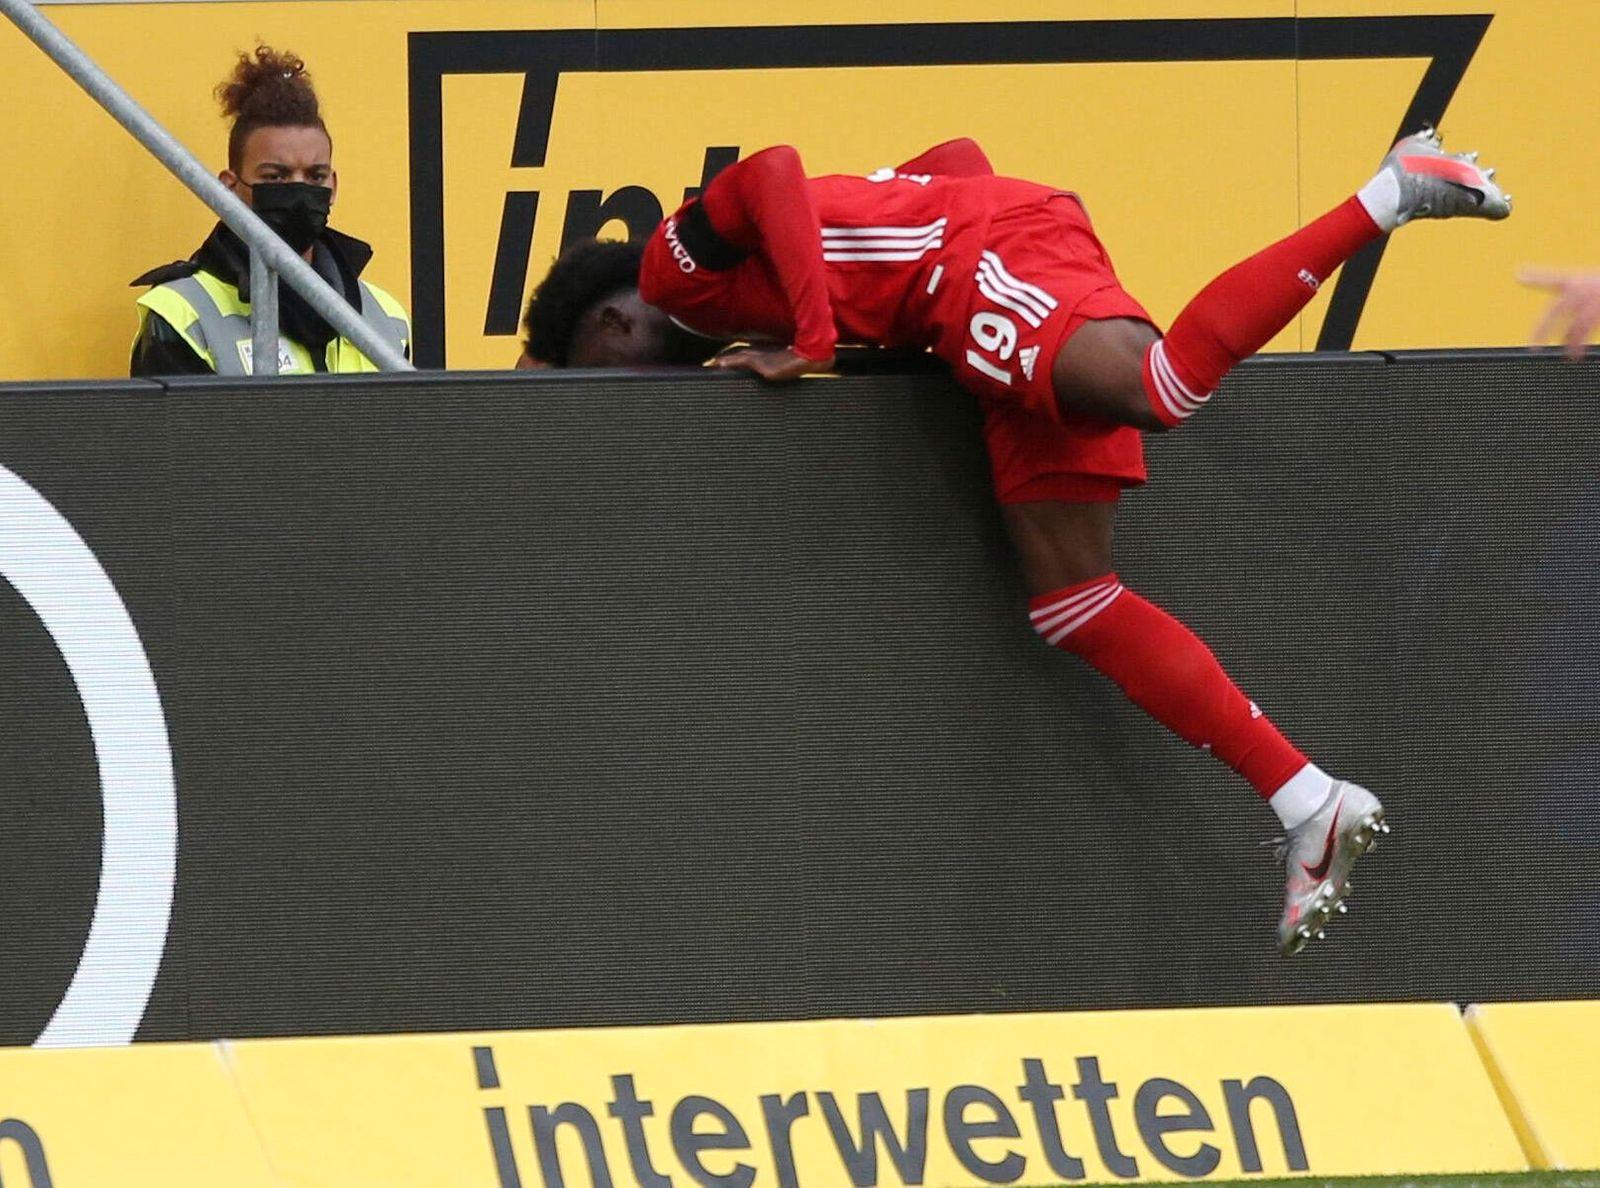 Alphonso Davis (19, Bayern Muenchen) mit Schwung auf die Werbebande, Fußball, 1. Bundesliga, 2. Spieltag, TSG 1899 Hoffe